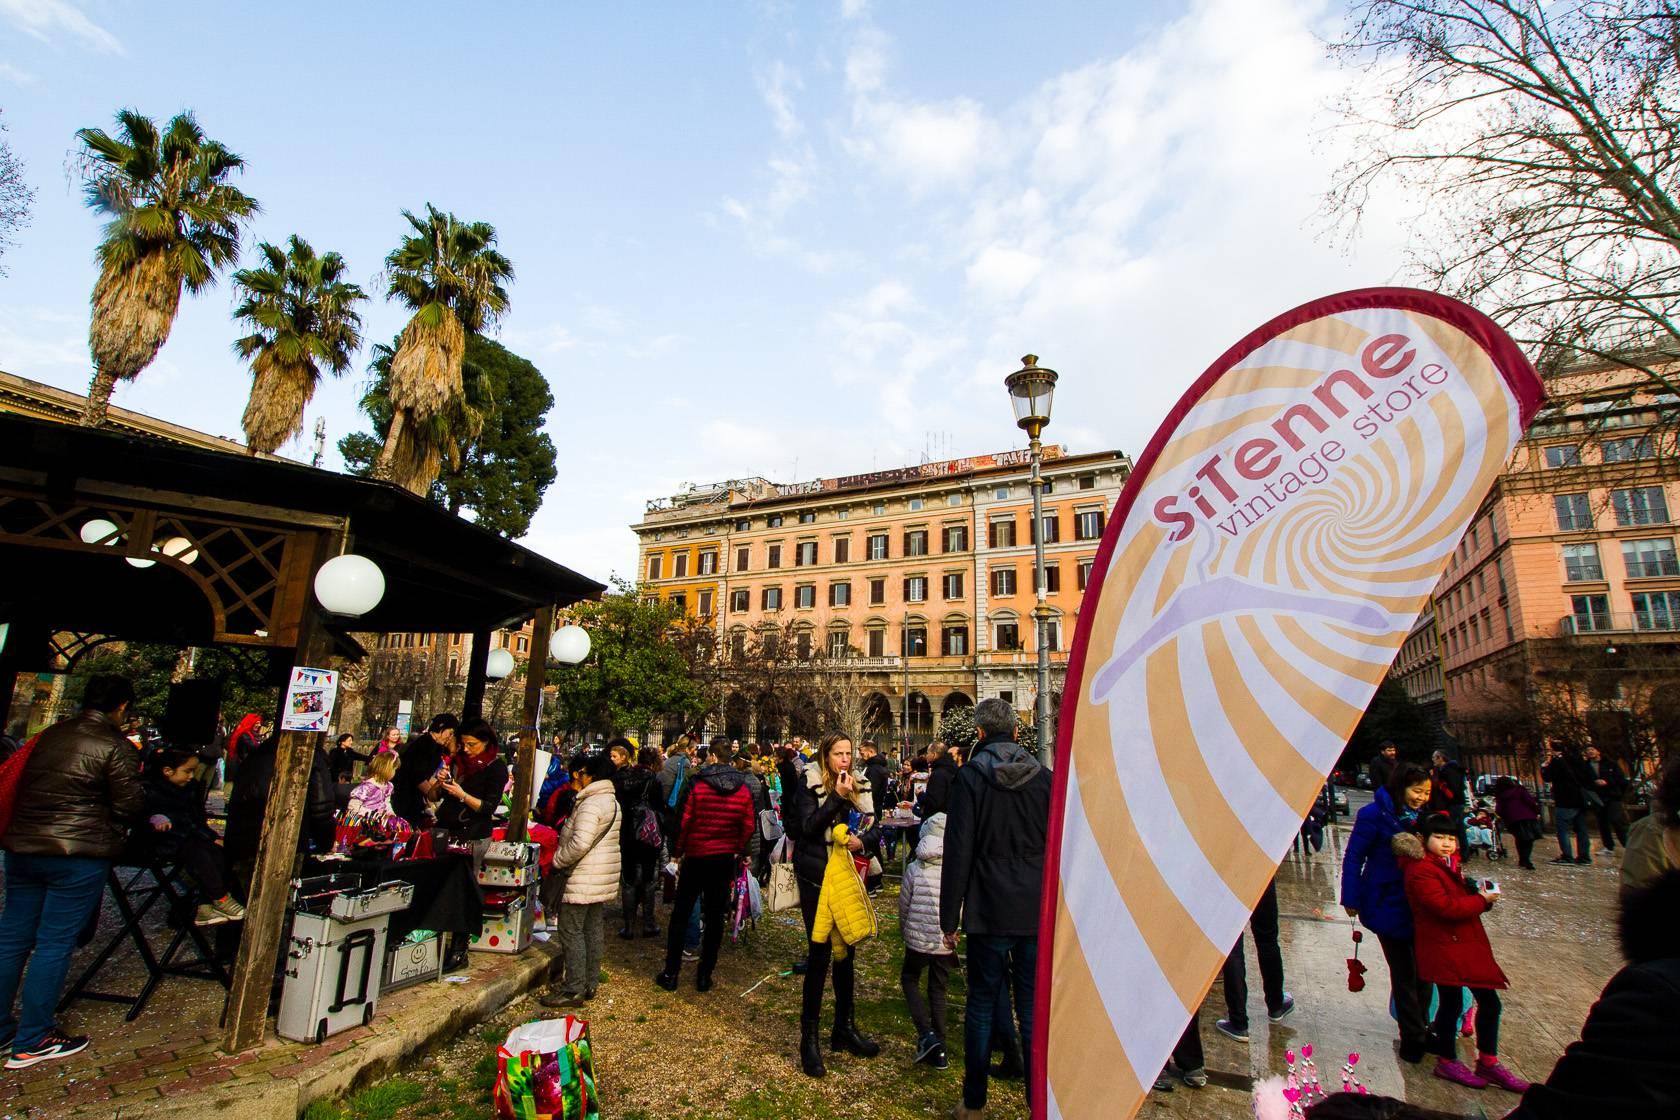 Carnevale di piazza Vittorio 2017: le foto!